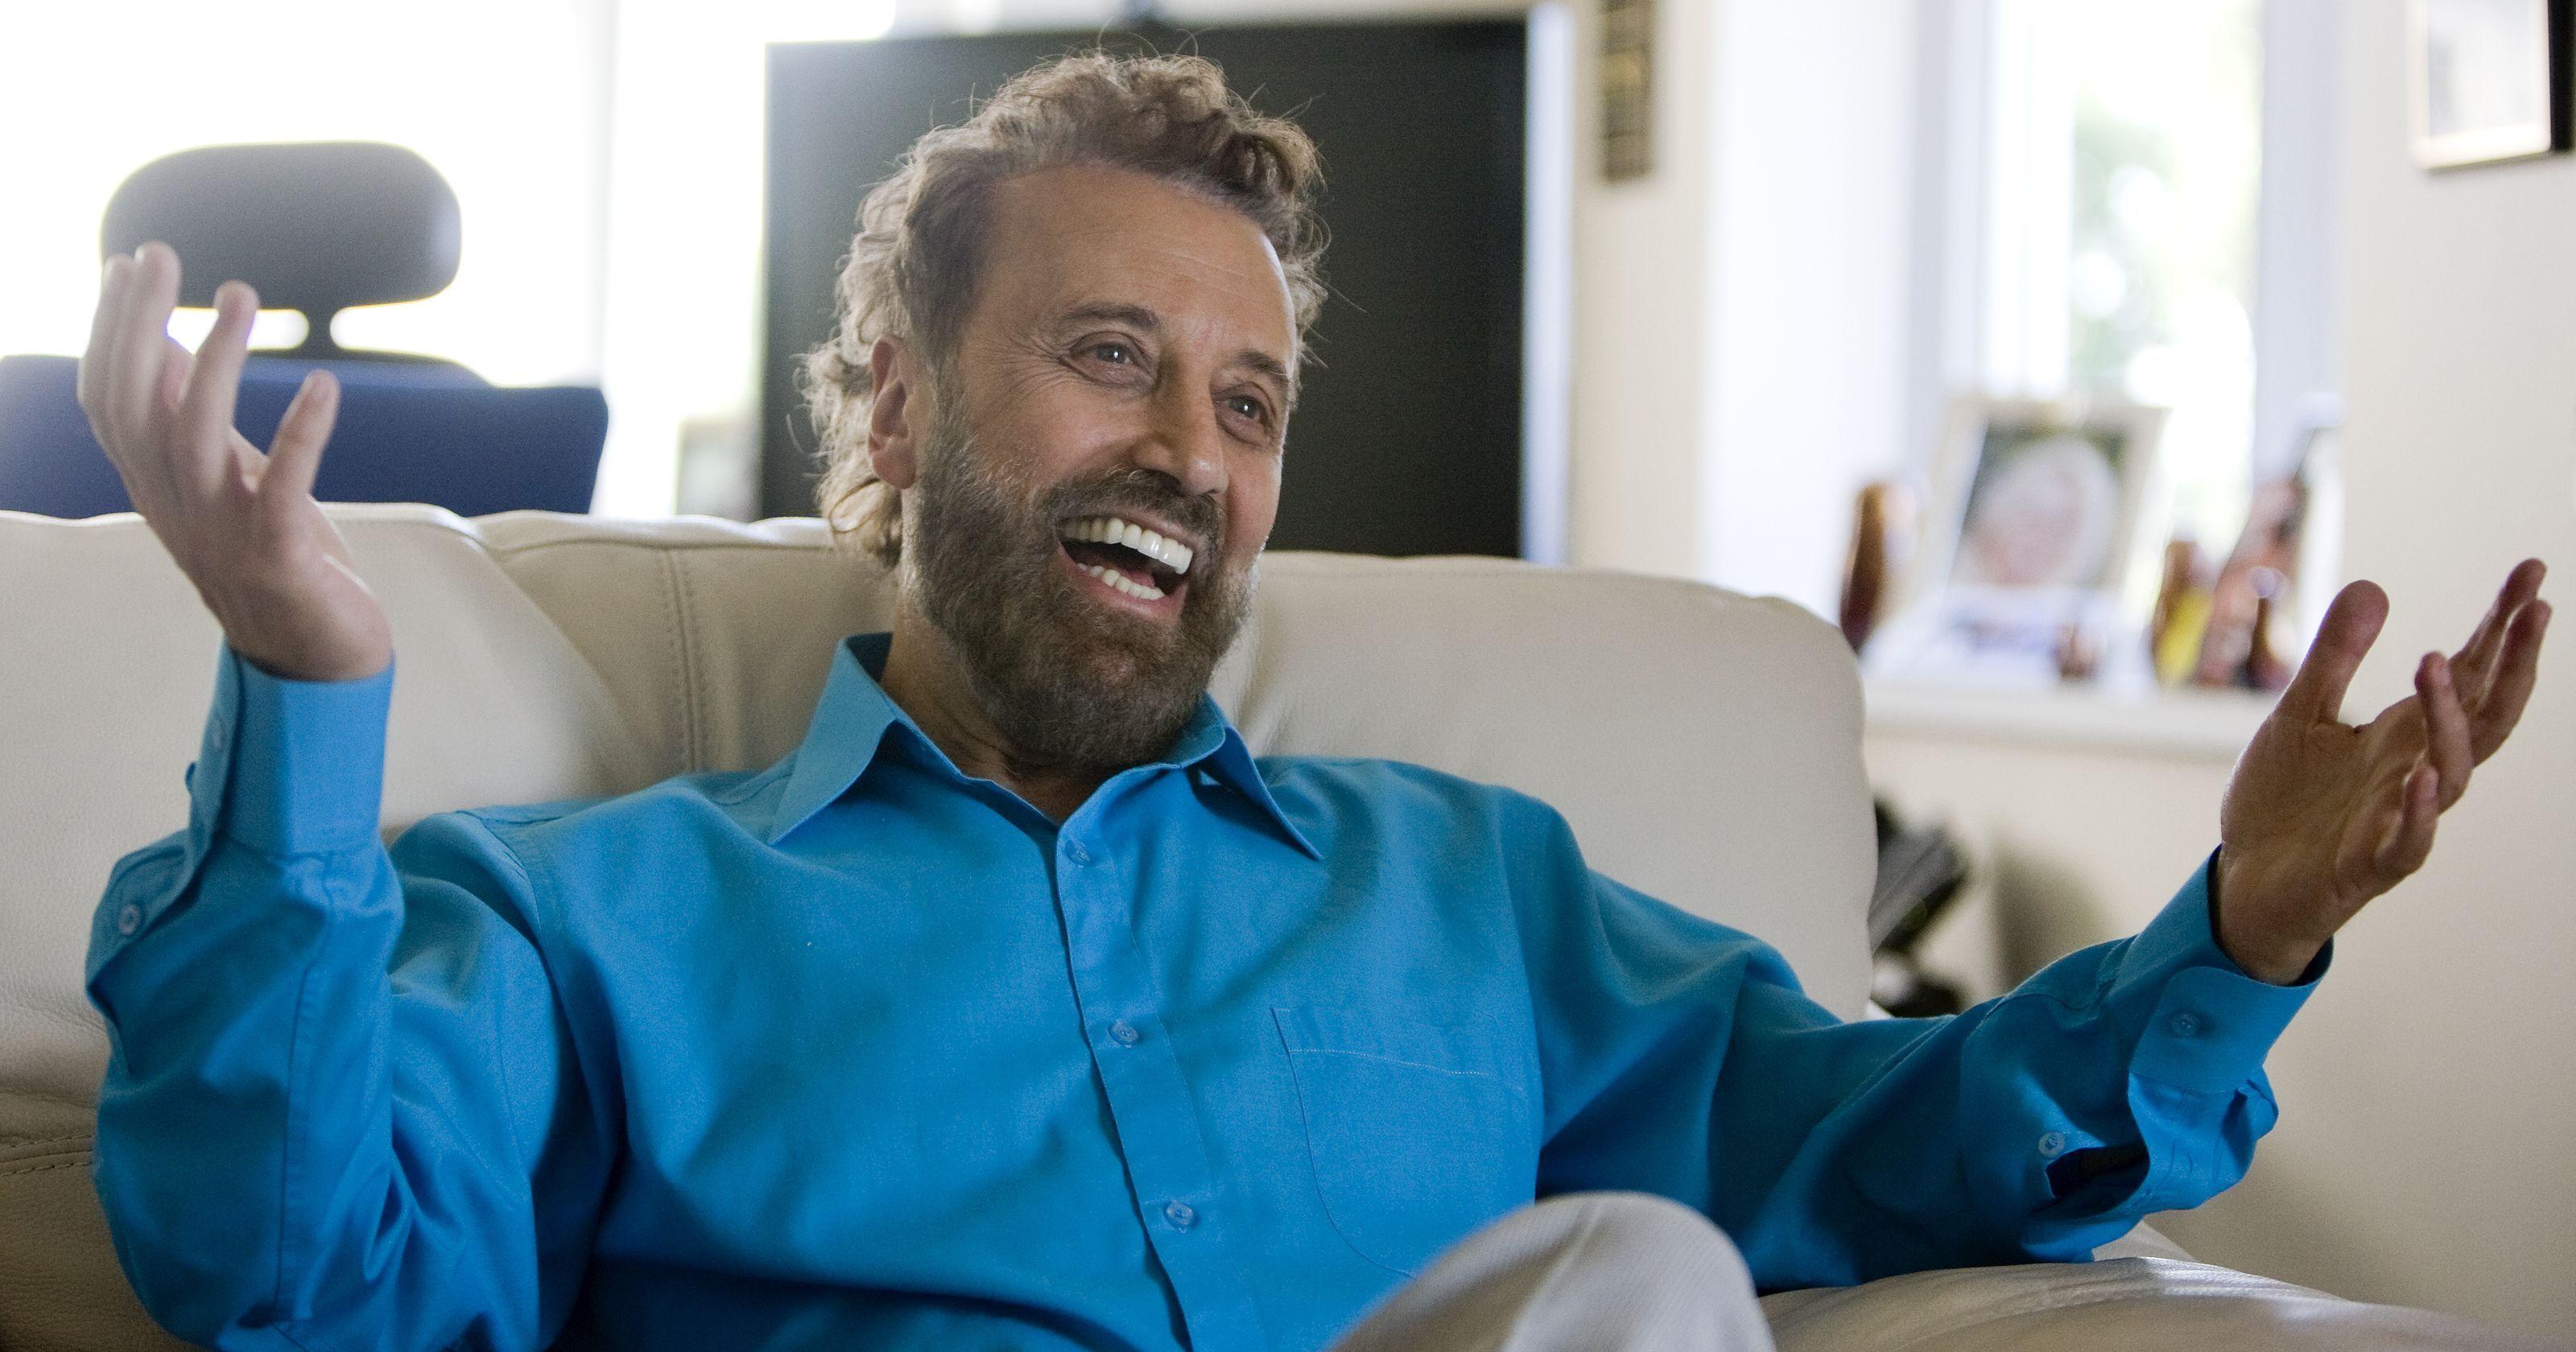 Настоящее имя Якова Смирнова - Яков Похис. Фото: news-leader.com